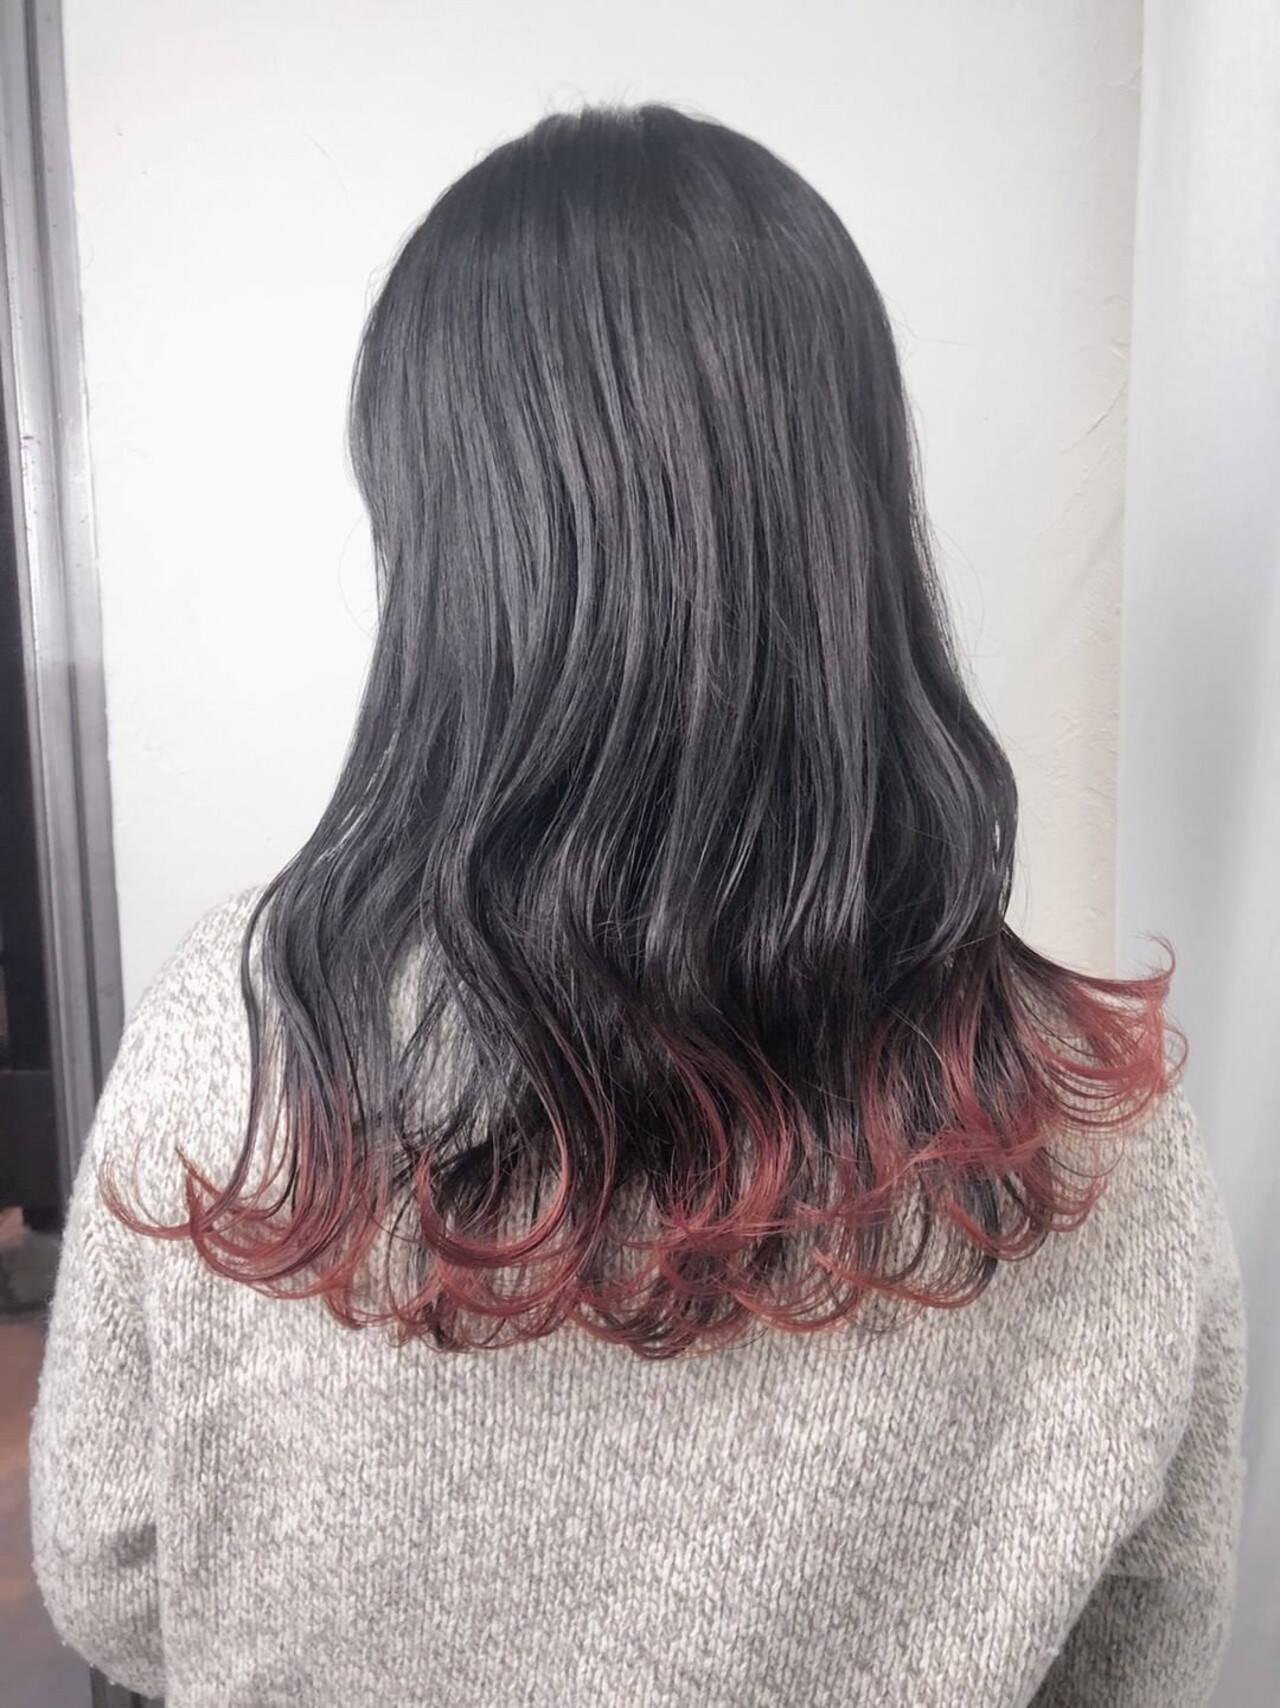 チェリーレッド レッドカラー ナチュラル セミロングヘアスタイルや髪型の写真・画像